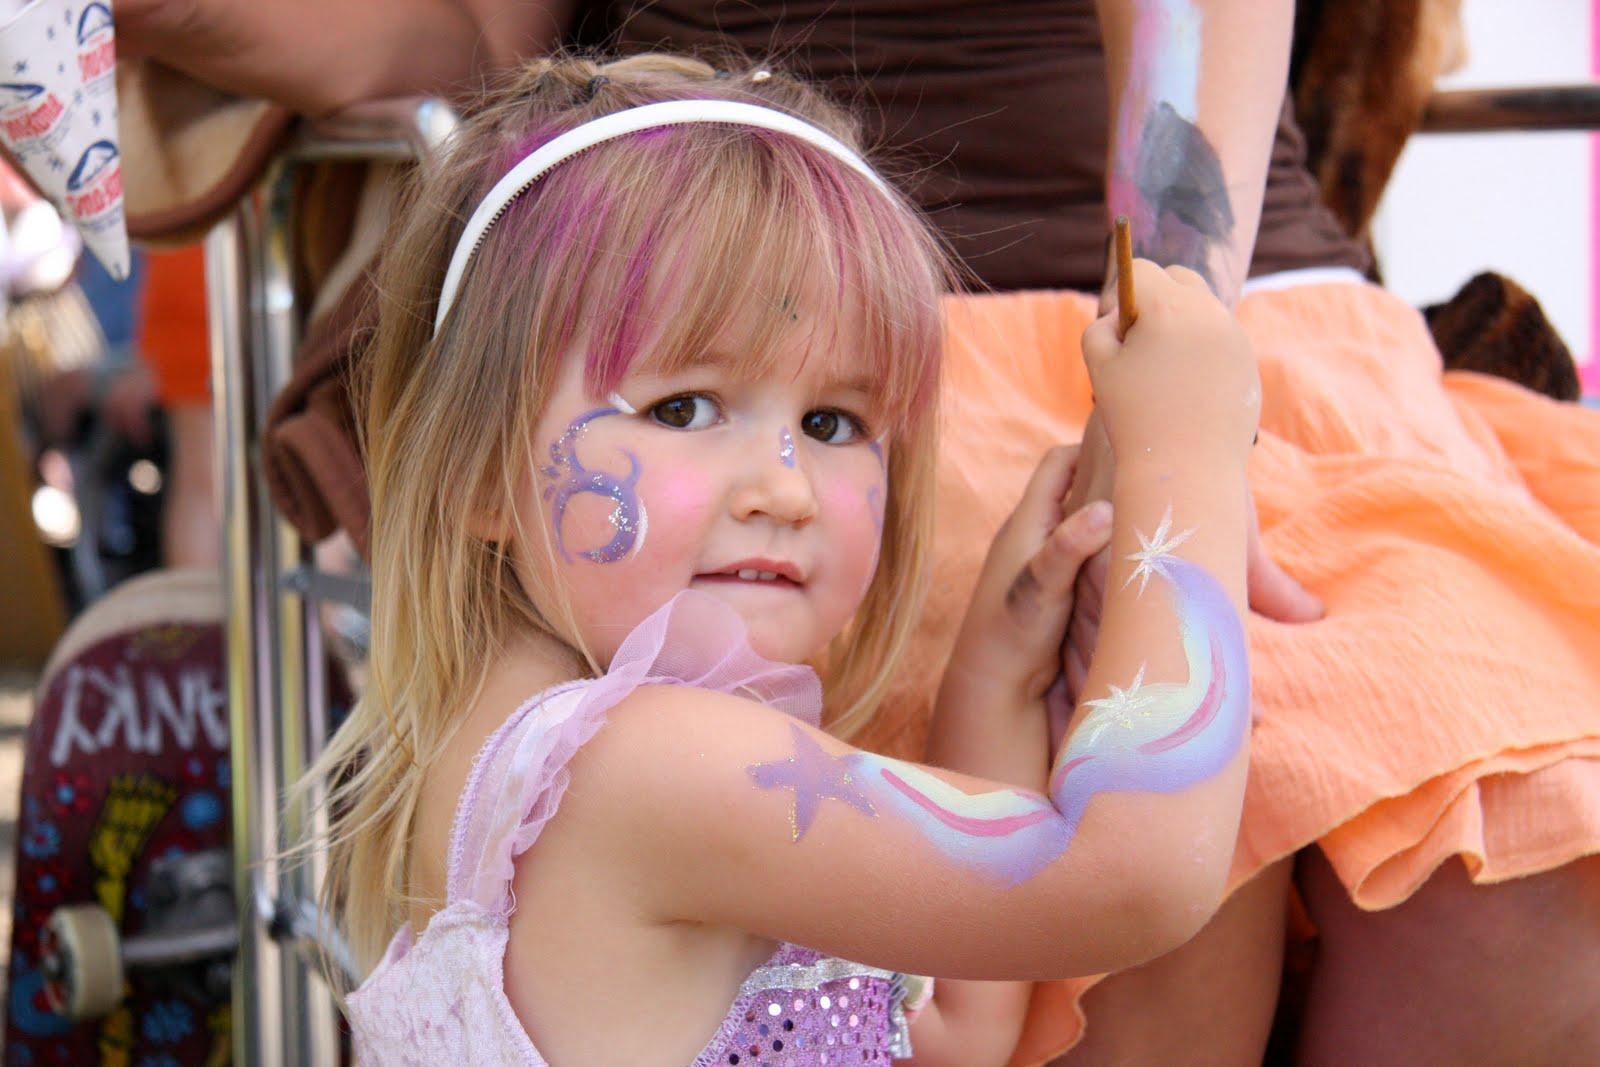 Hosting the Ojai Valley Lavender Festival 6/26/10, little girl